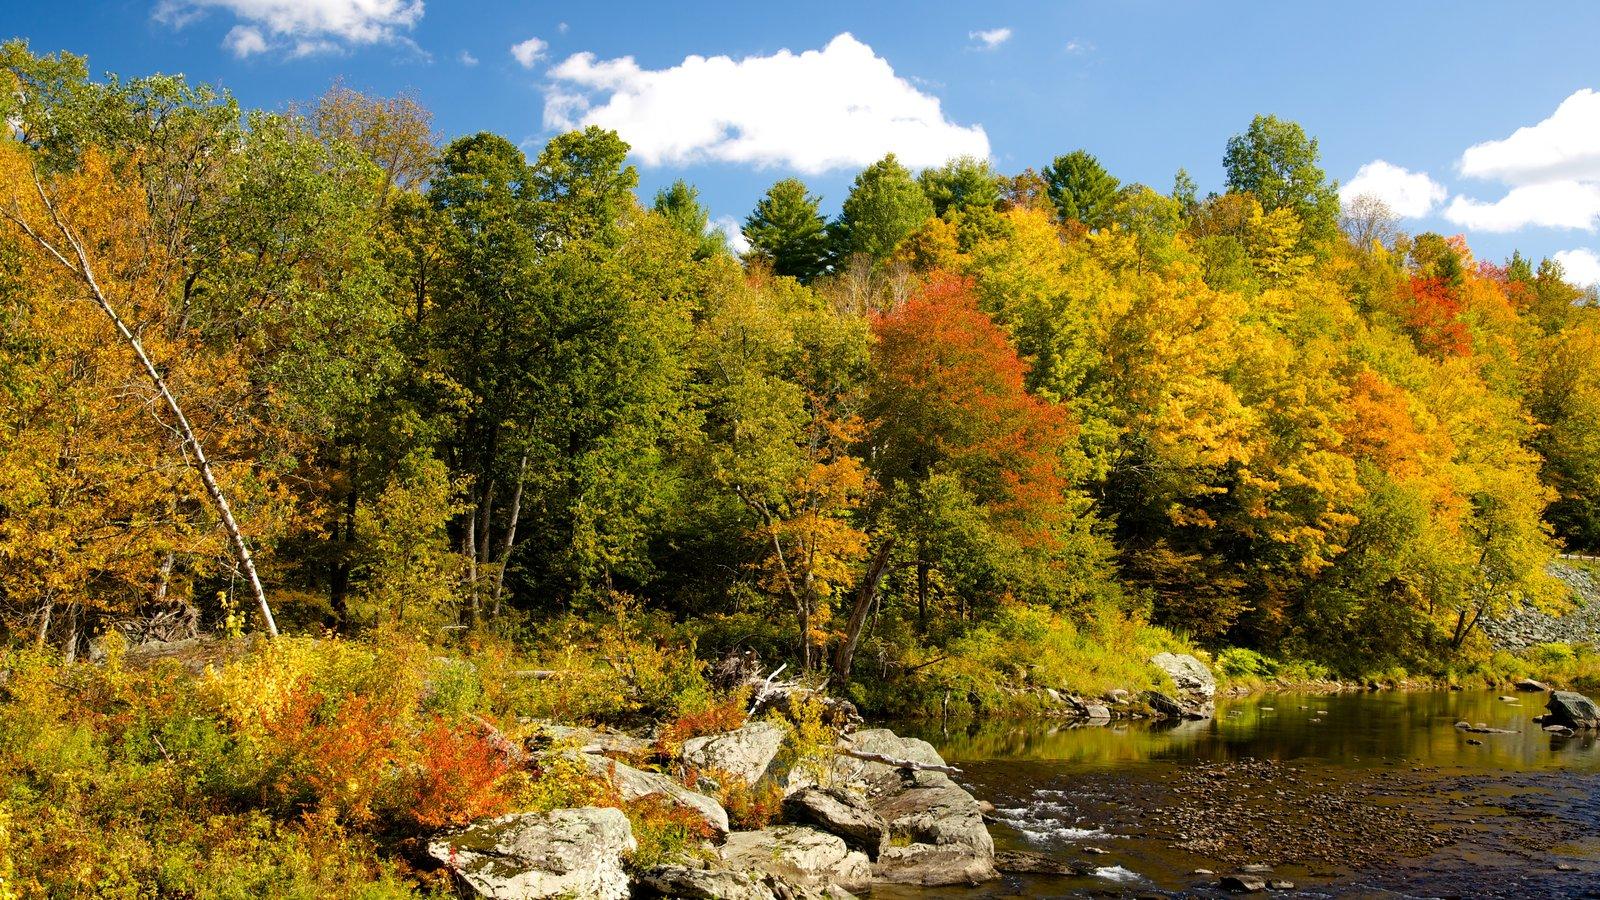 Vermont Septentrional que incluye escenas forestales, un río o arroyo y los colores del otoño